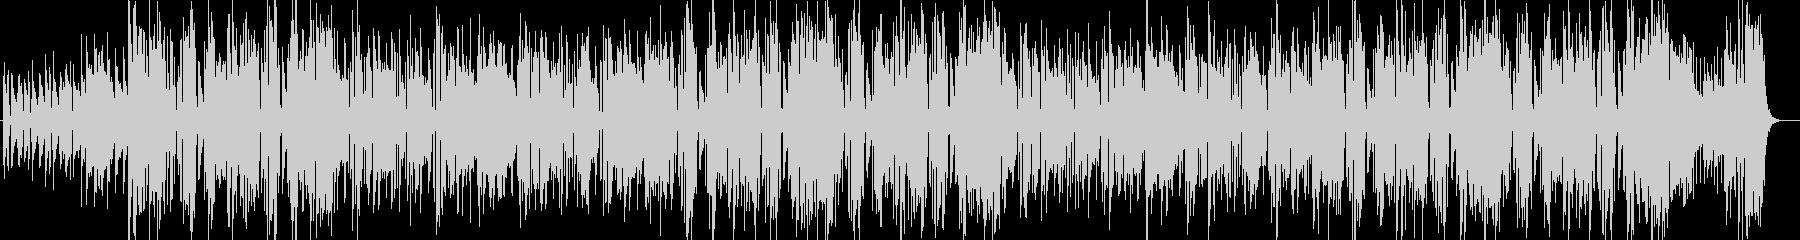 爽やかなビッグバンド コンテンポラリー系の未再生の波形